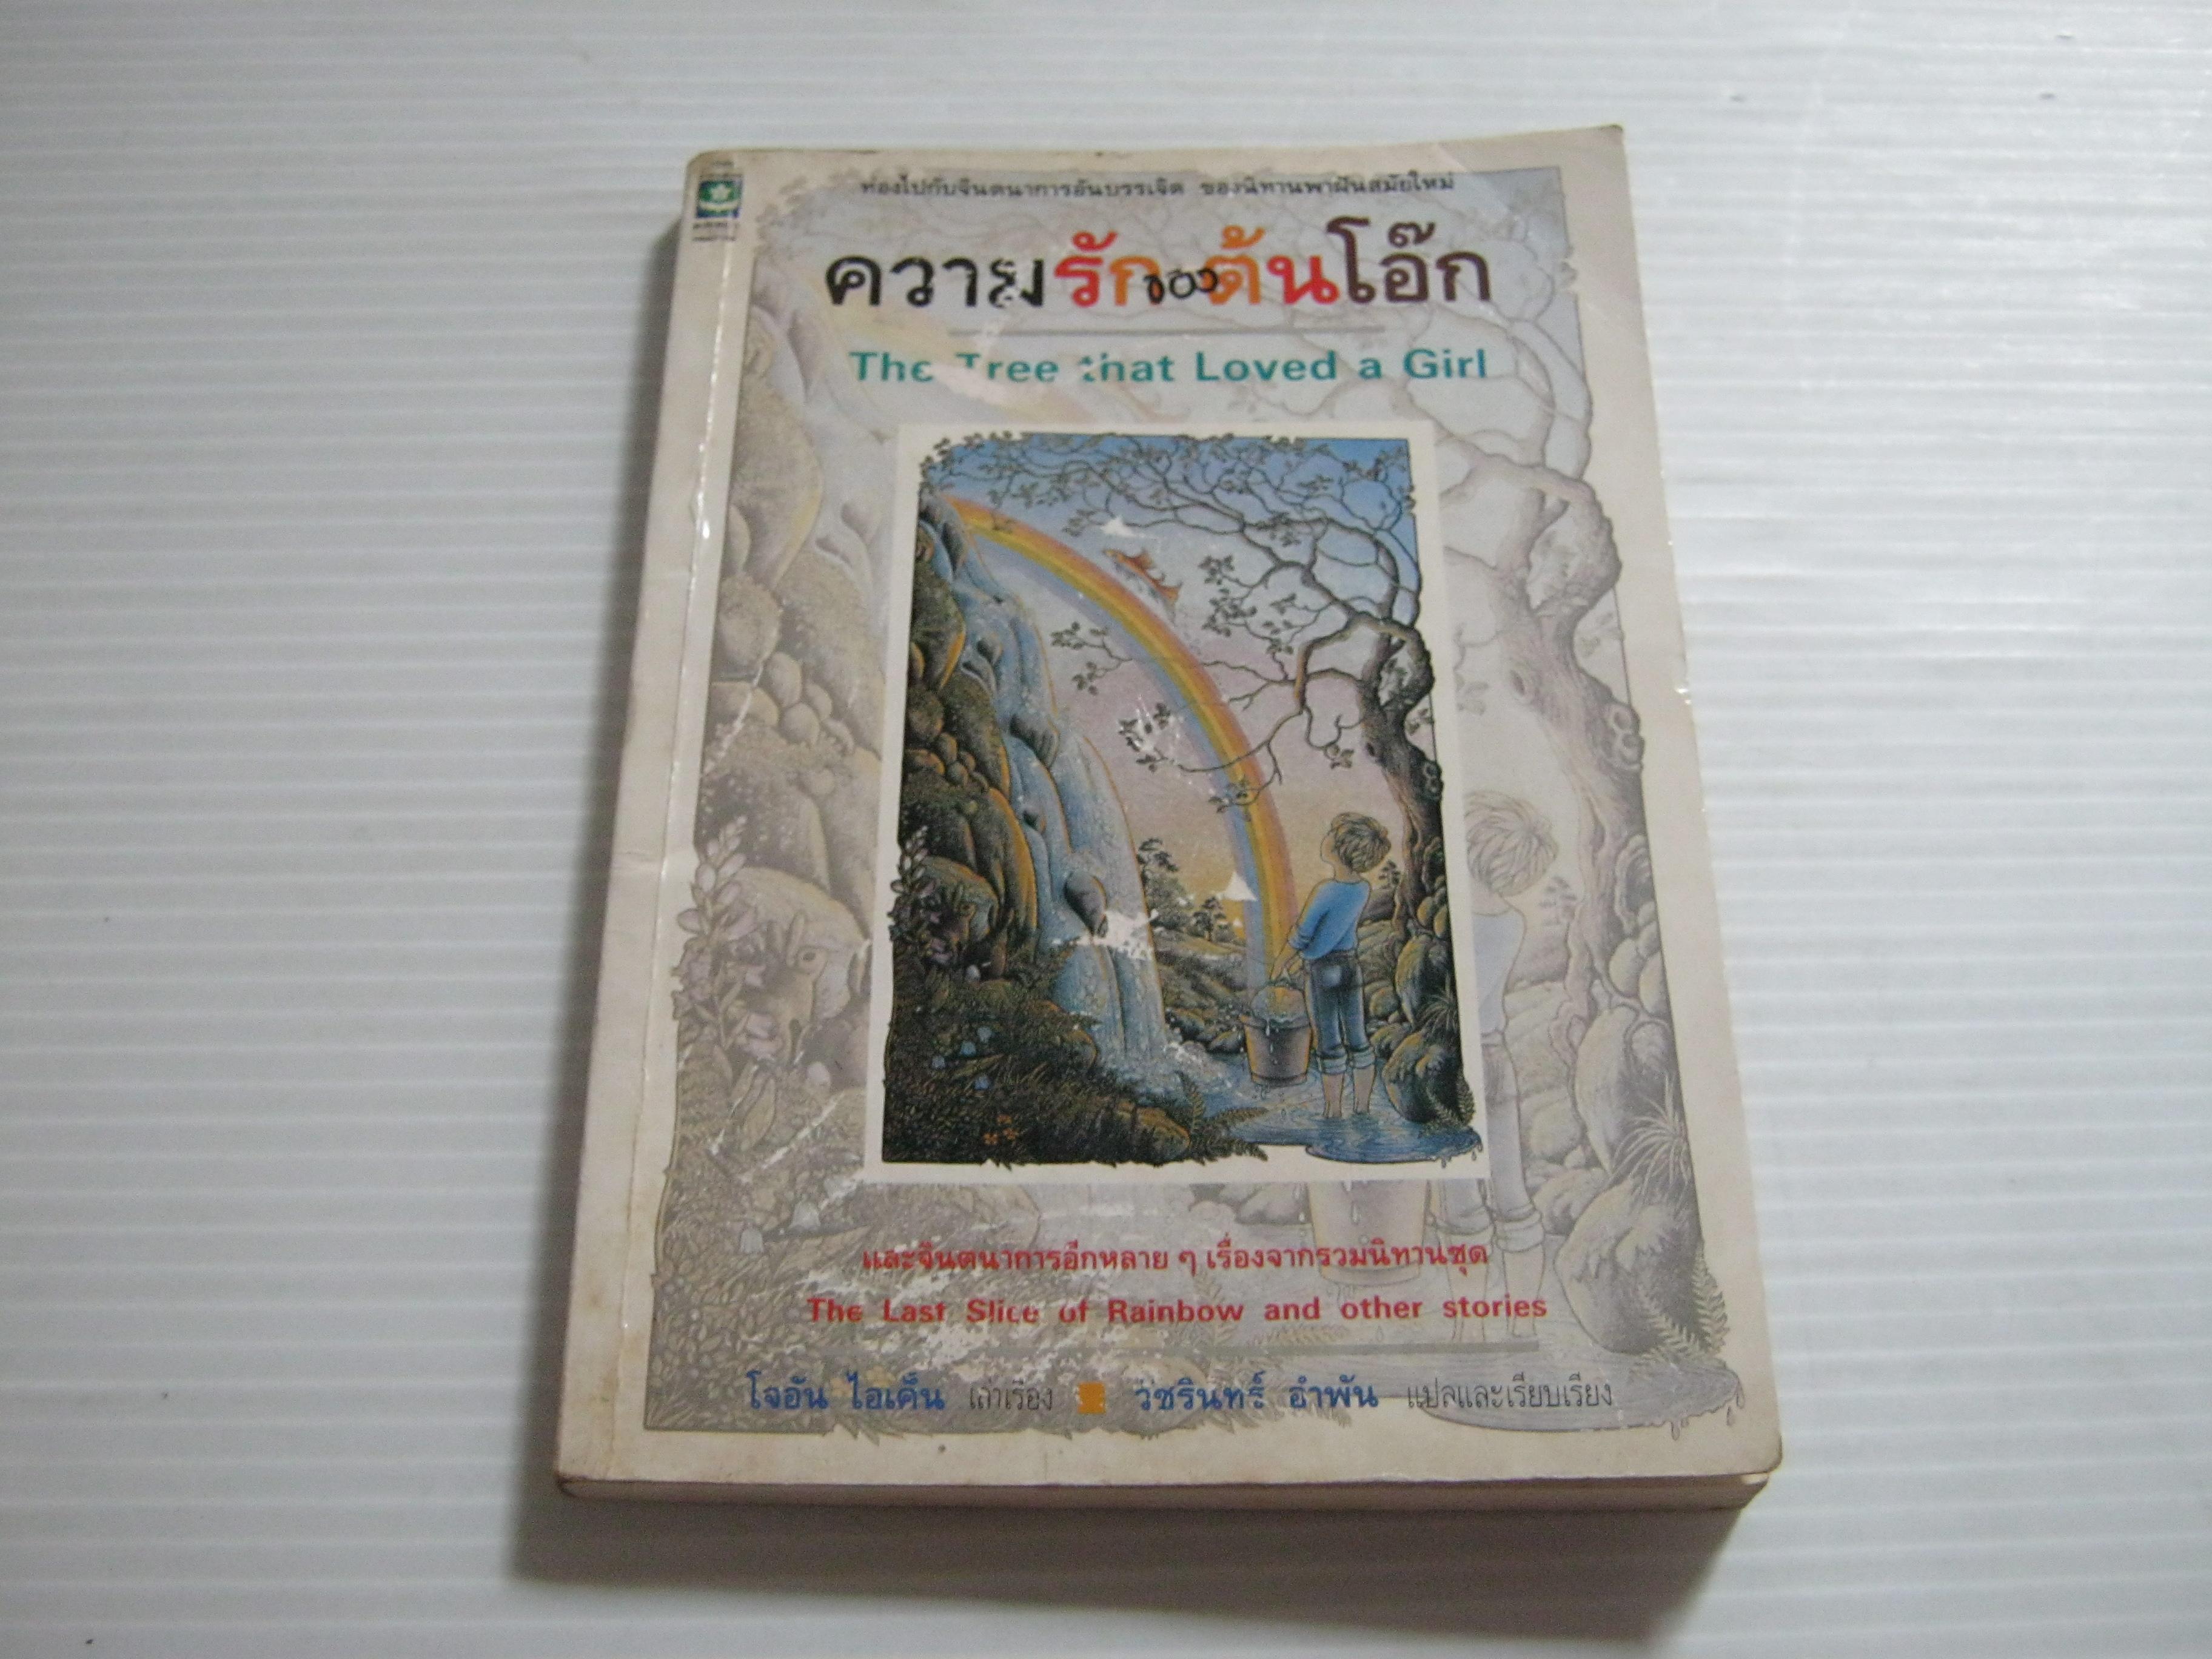 """ความรักของต้นโอ๊ก (The Tree that Loved a Girl) โจอัน ไอเค็น เรื่อง """"วัชรินทร์ อำพัน"""" แปลและเรียบเรียง (จองแล้วค่ะ)"""